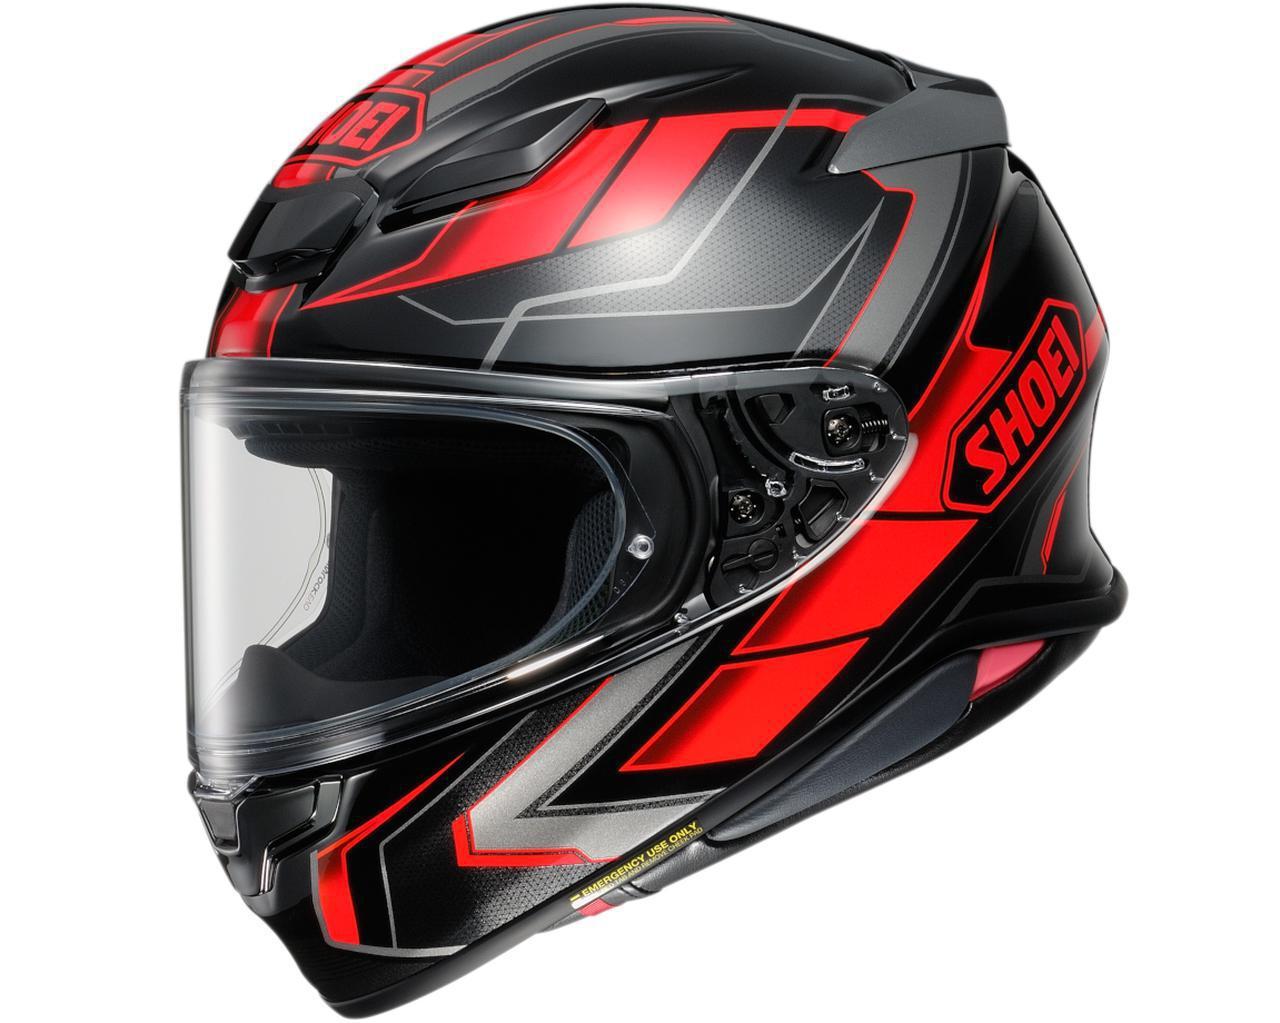 画像24: SHOEIの新型ヘルメット「Z-8」グラフィックモデル・まとめ|2021年5月末までに6モデル計13種のカラーが登場